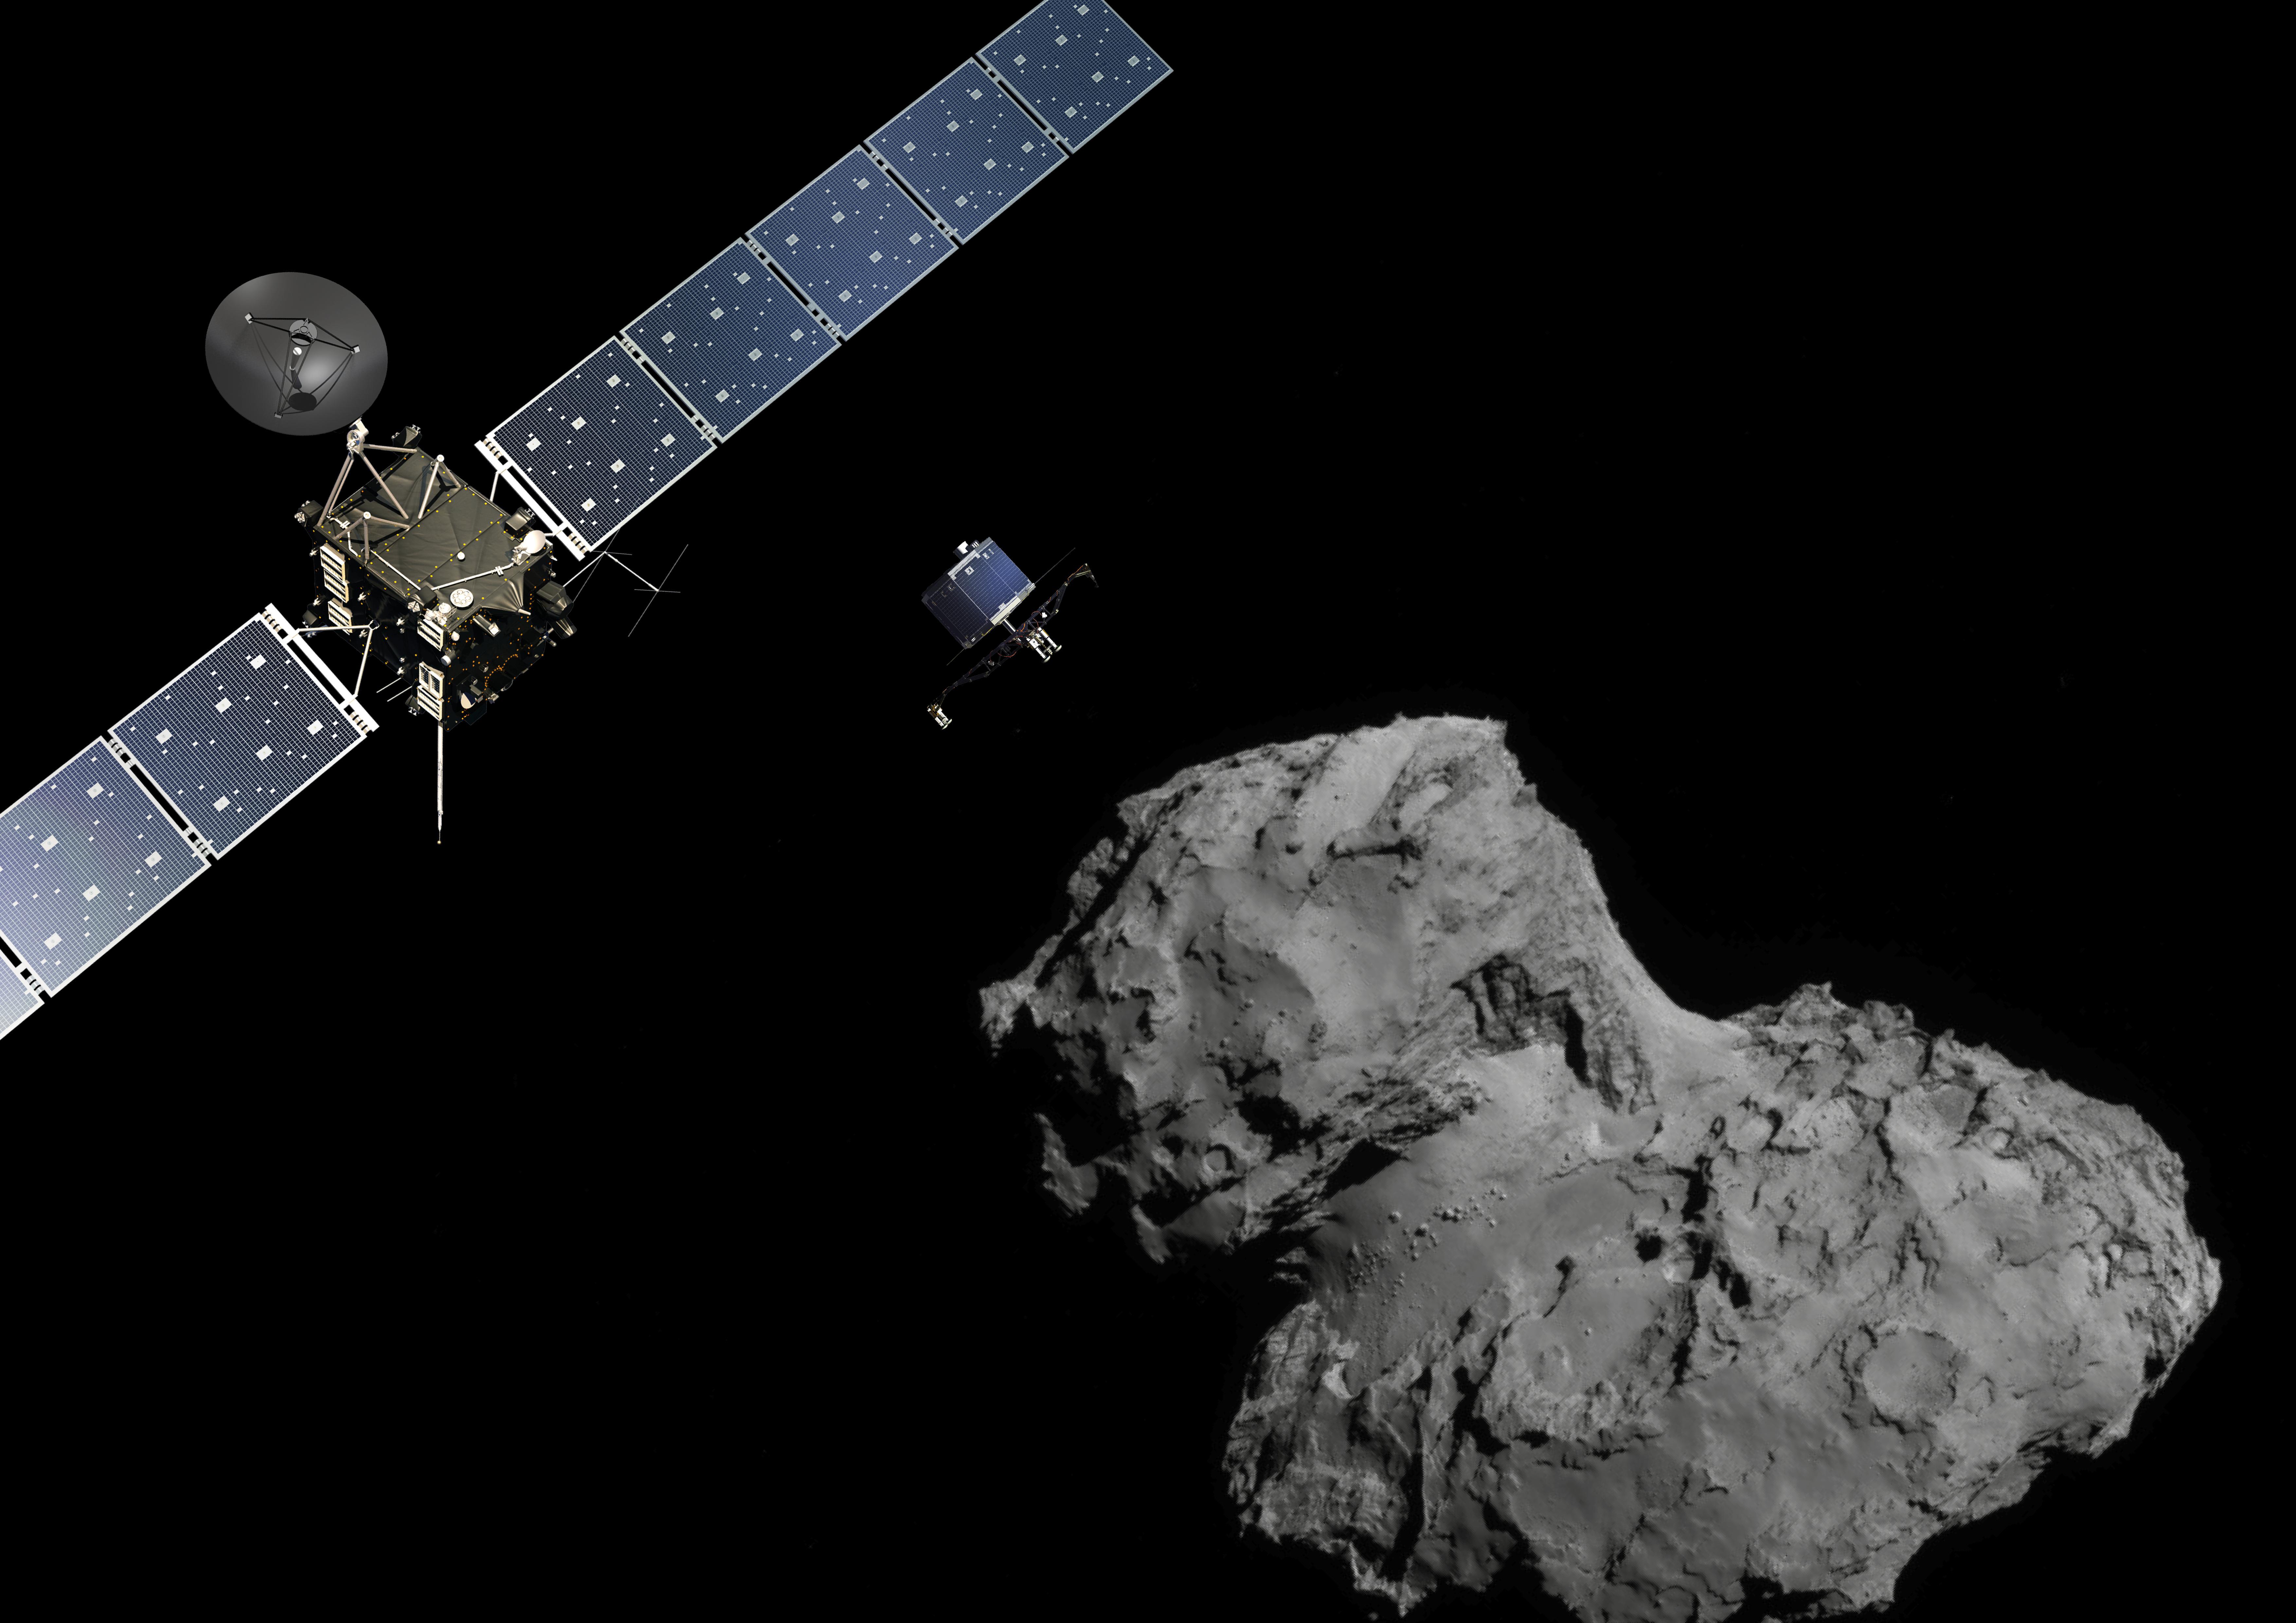 Semana -1540 - 2 Rosetta